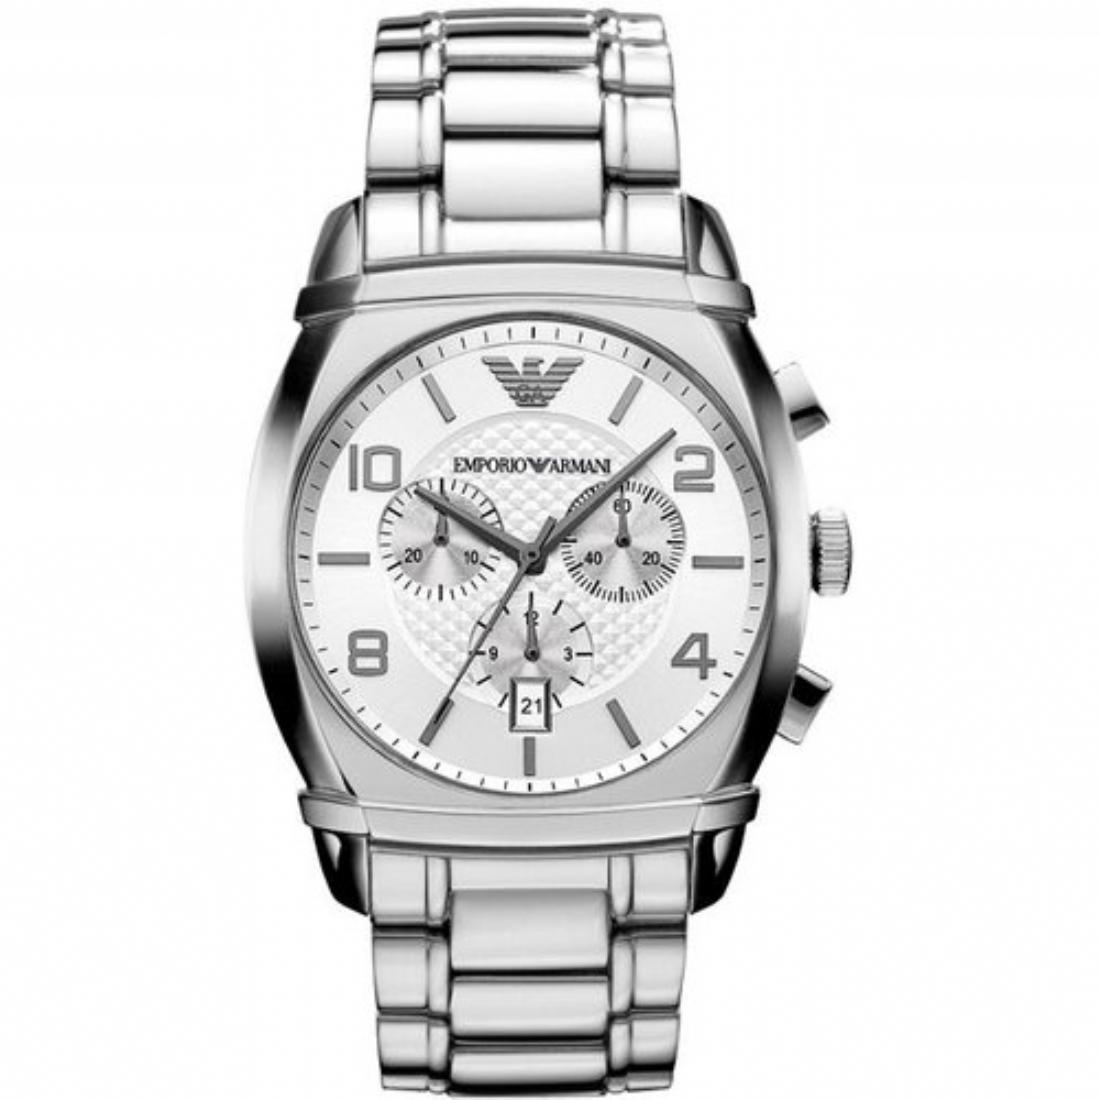 美國百分百【Emporio Armani】配件 手錶 腕錶 男錶 石英 品味 時尚 不鏽鋼 三眼 計時 銀色 E531